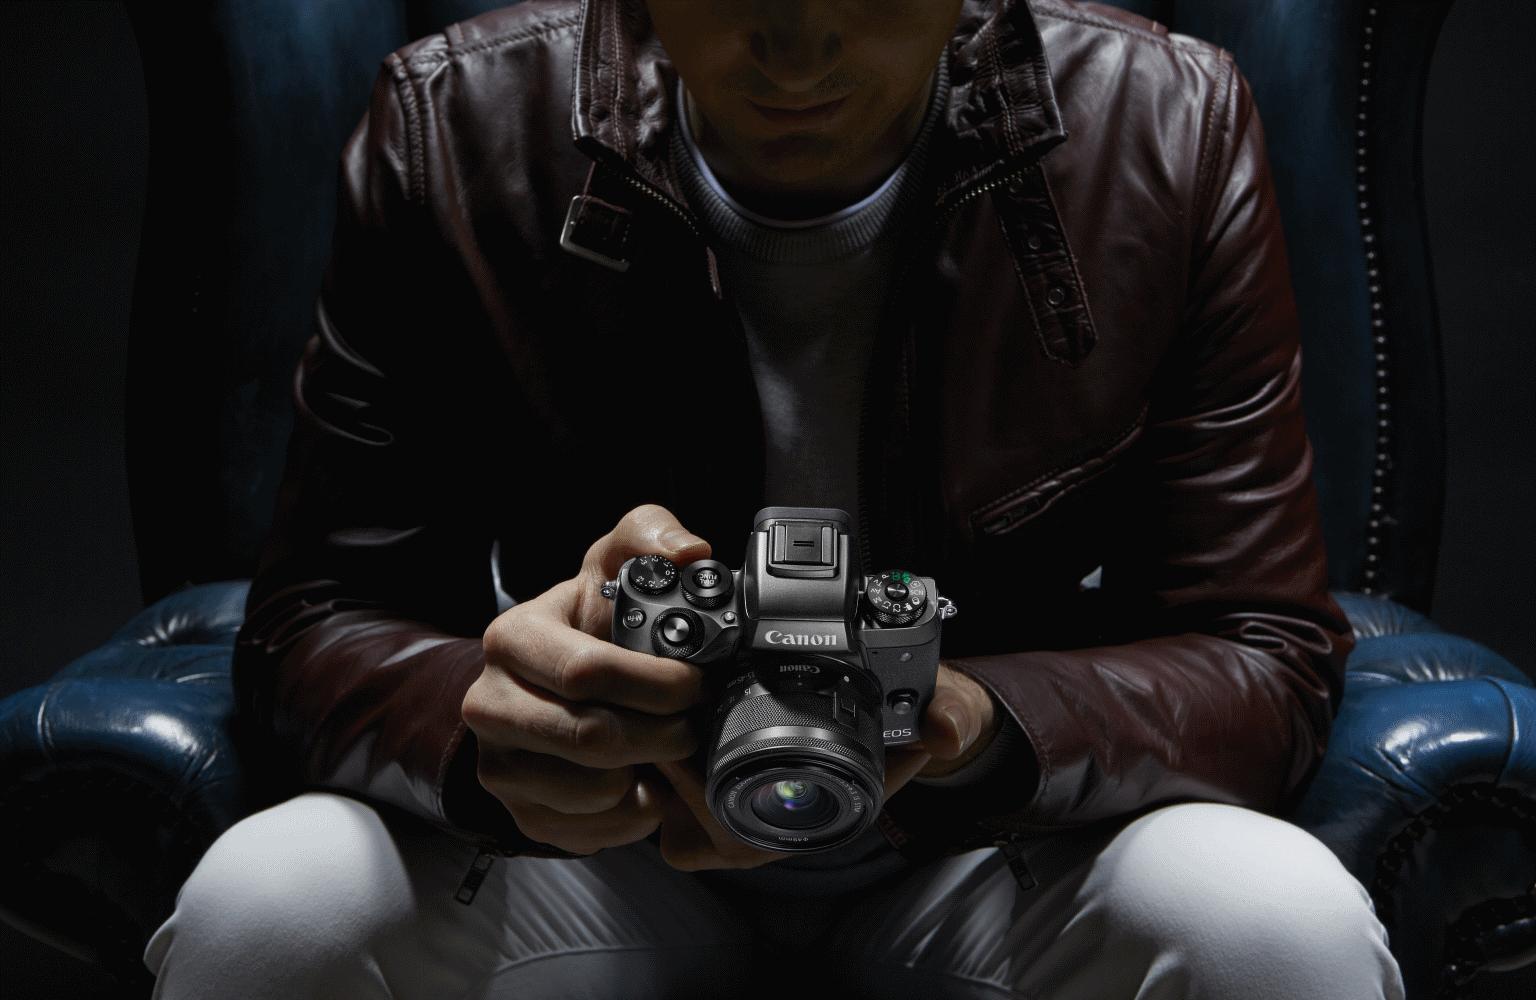 Canon_EOS_M5_Stendo_Image_5